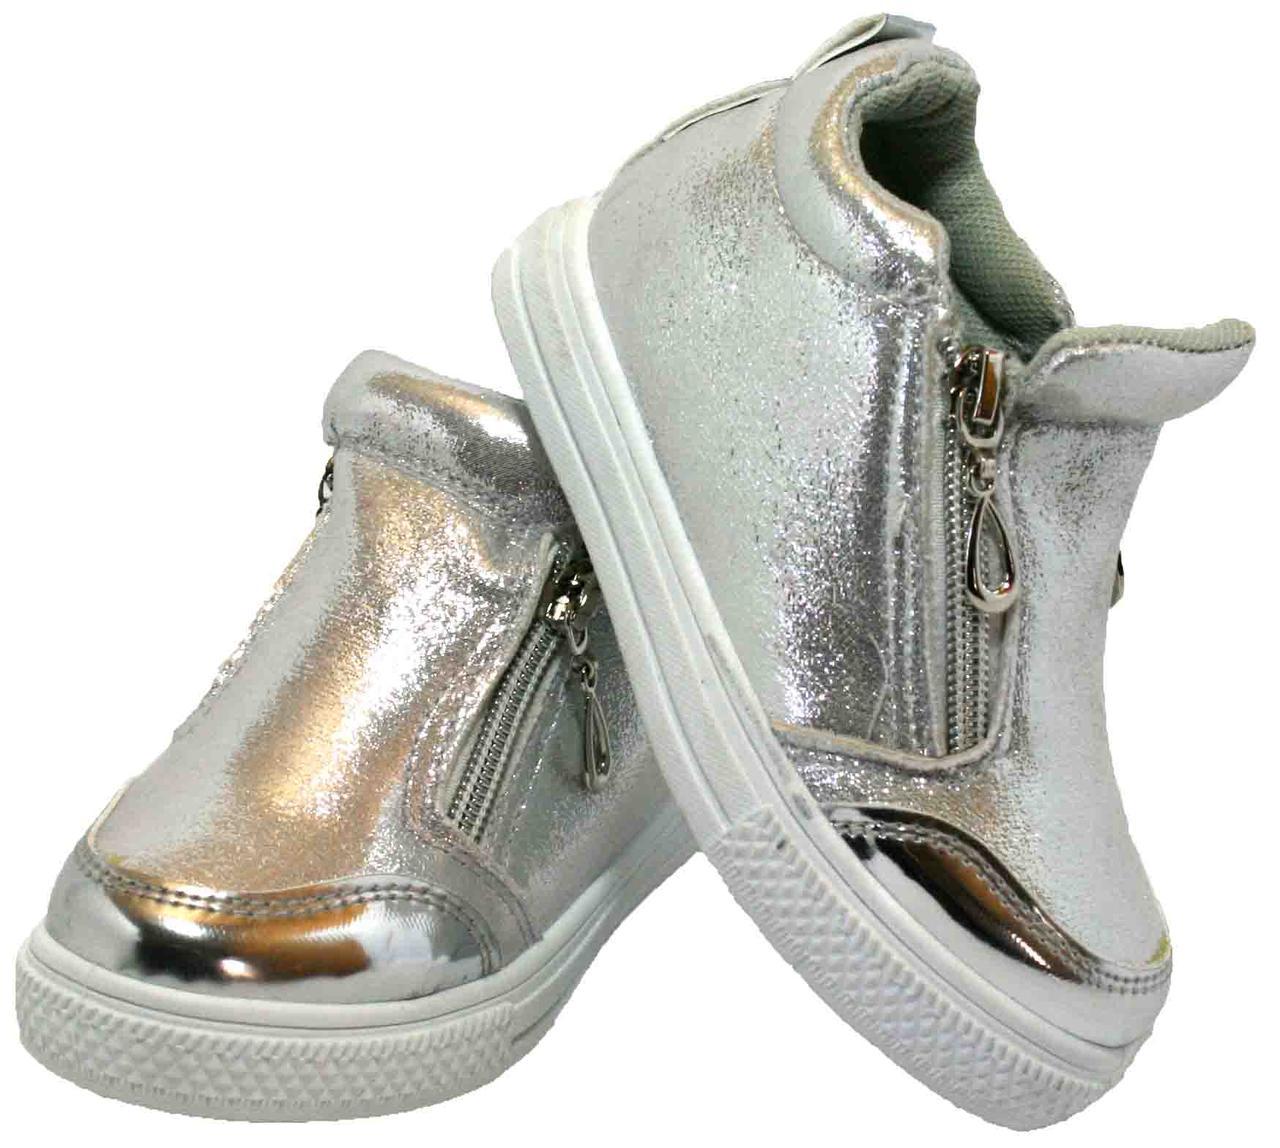 Дитячі черевики для дівчинки Польща розміри 25-30